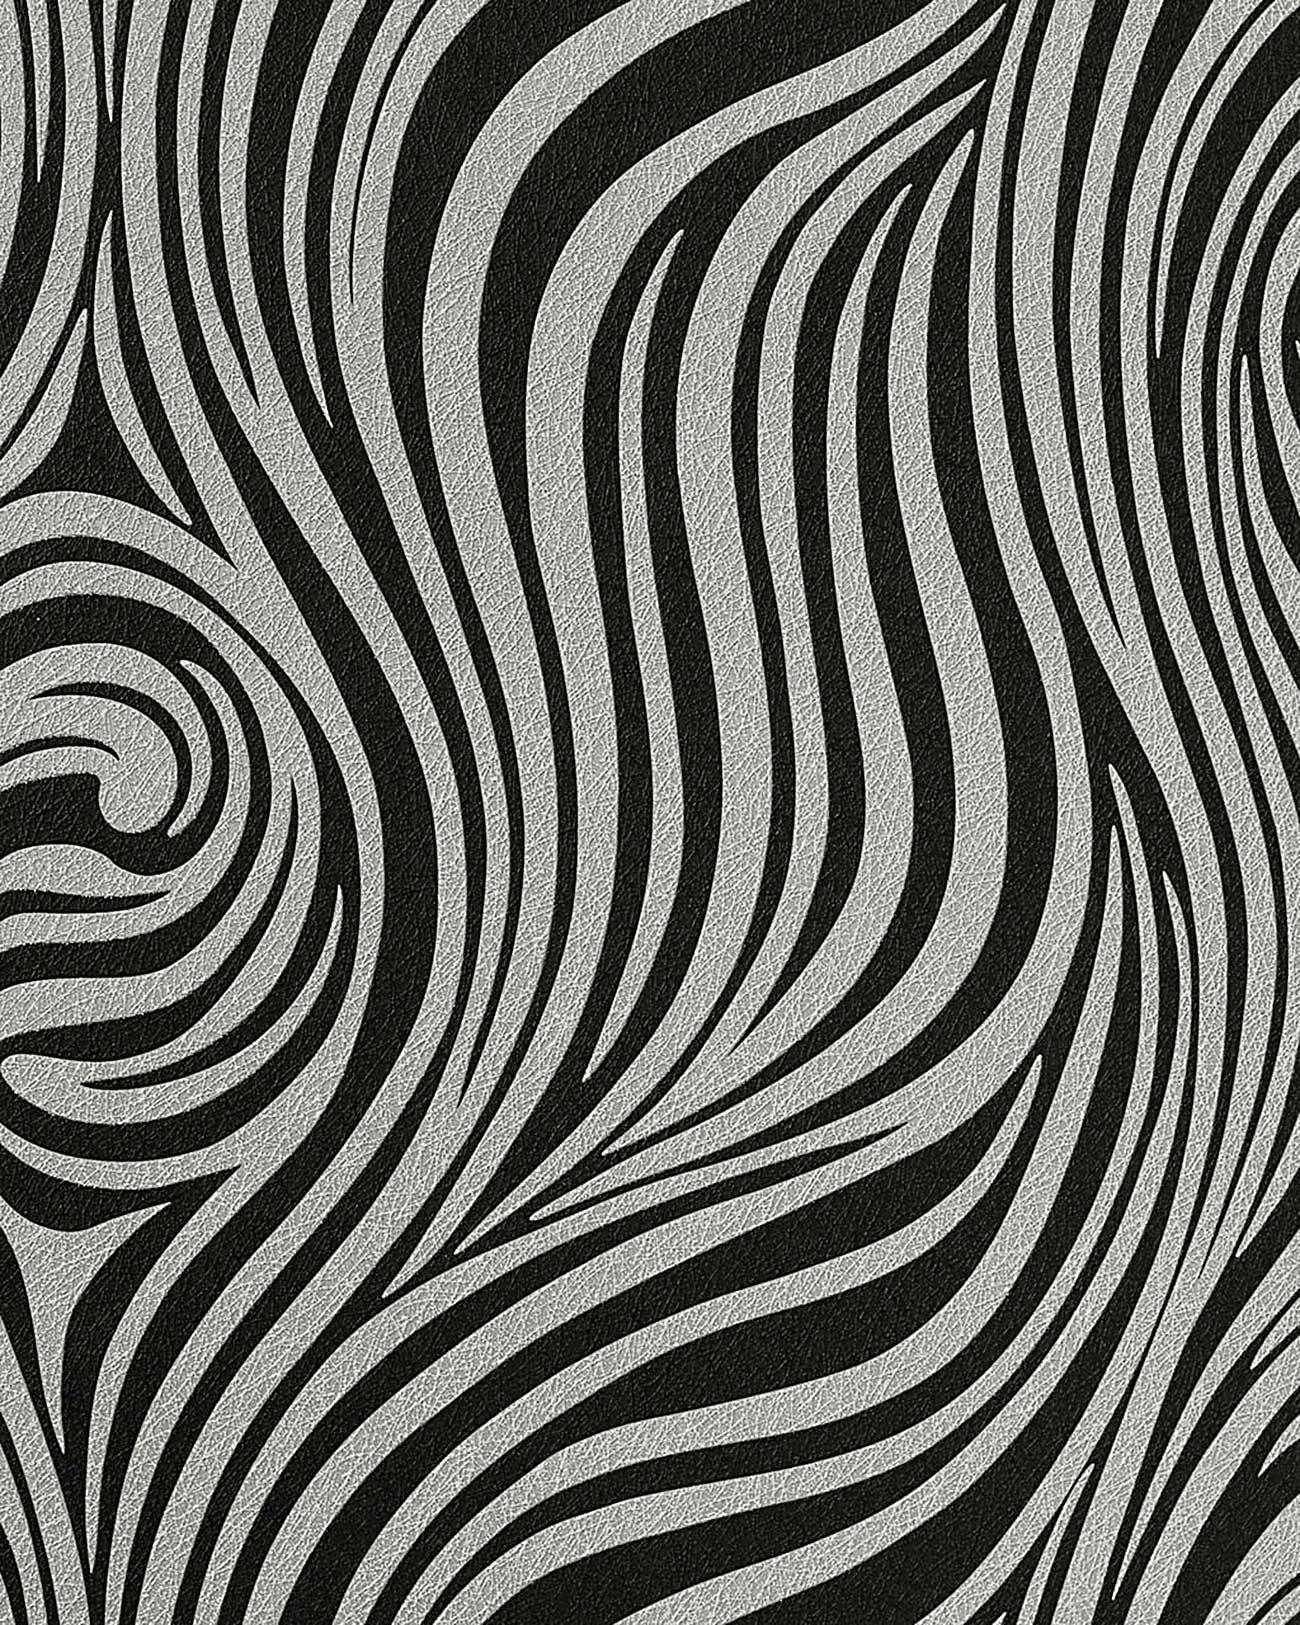 Papel pintado con patr n a rayas edem 1016 16 de cebra en for Papel pintado cebra